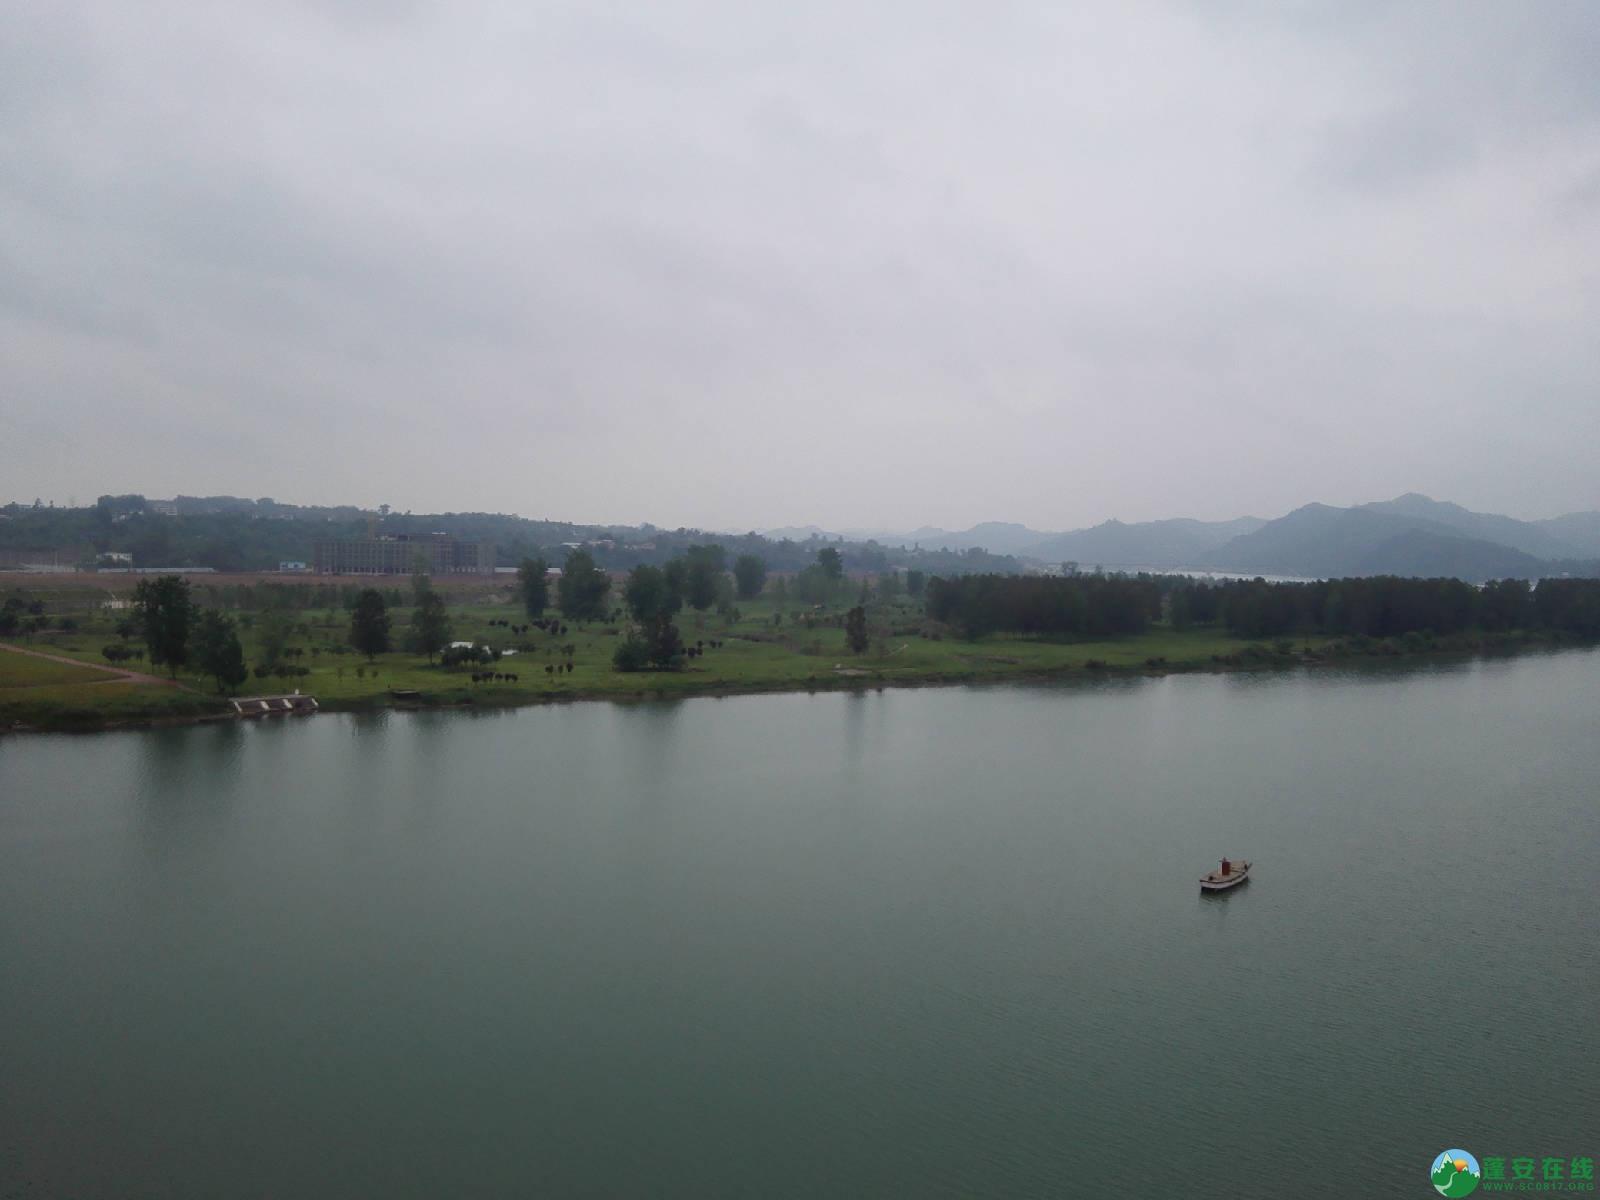 蓬安山水之城 - 第3张  | 蓬安在线